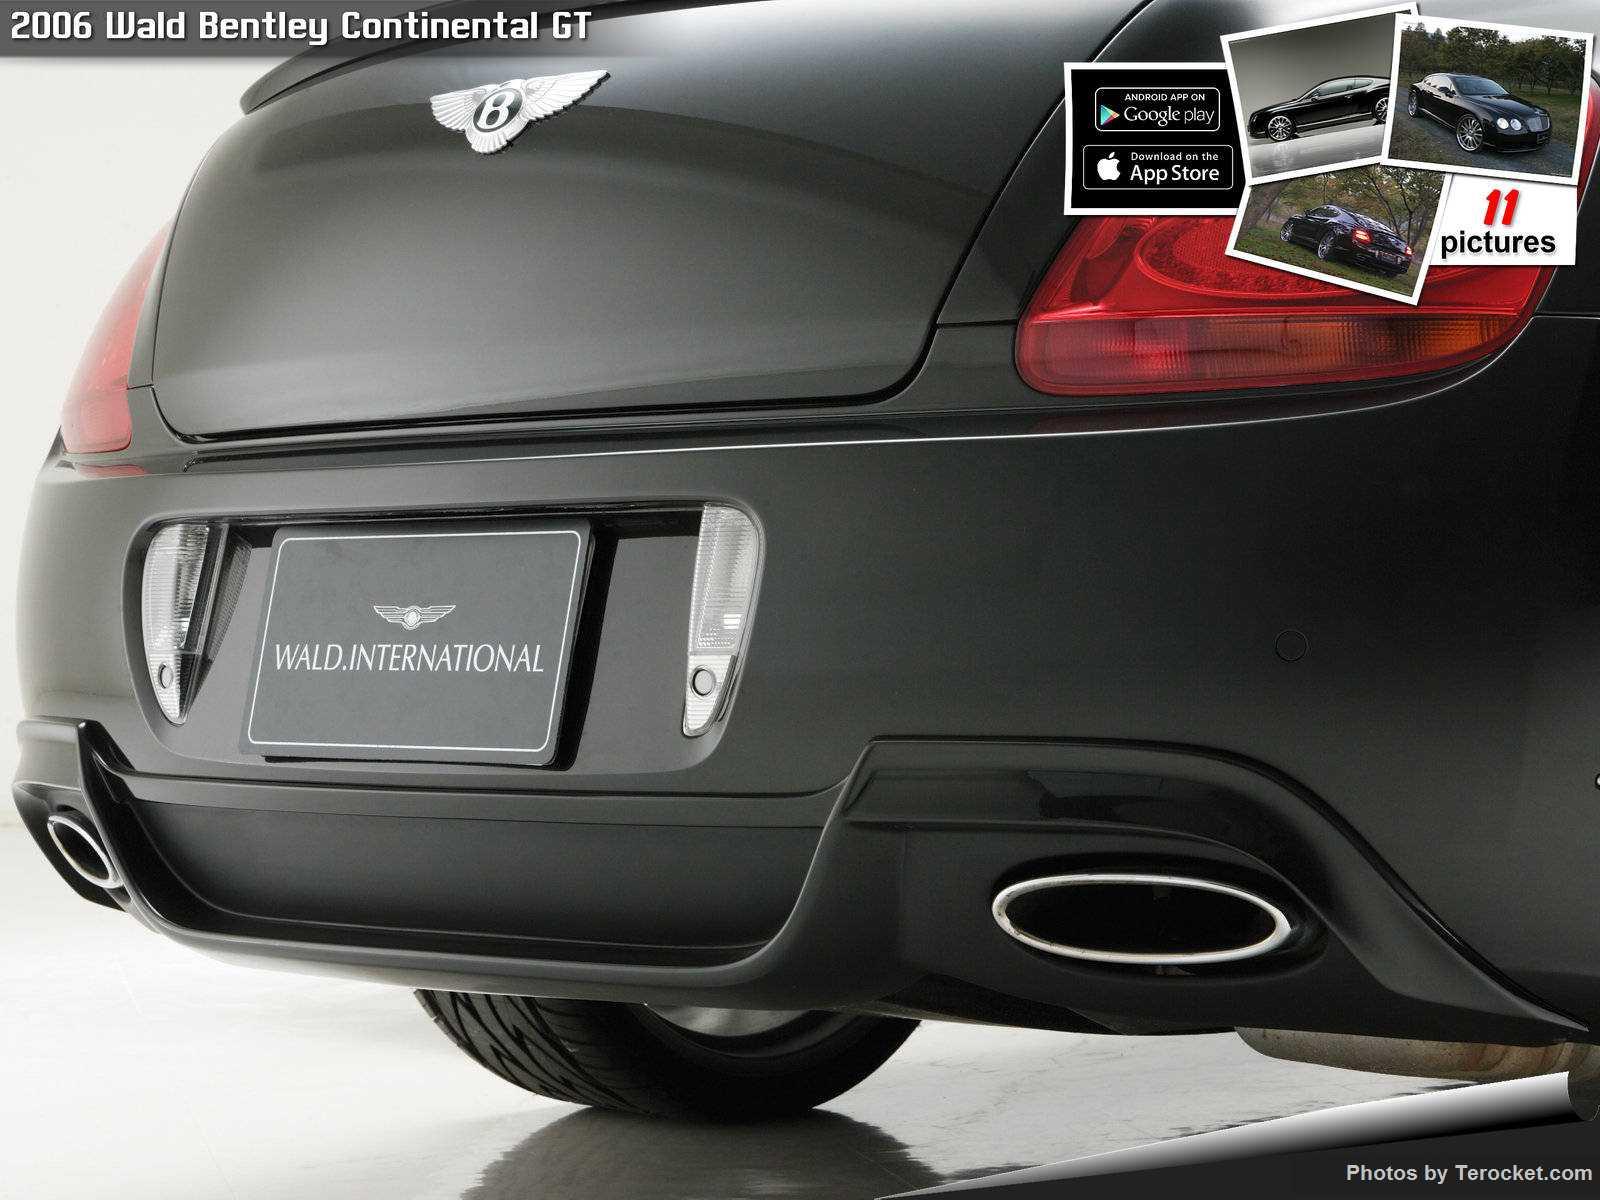 Hình ảnh xe độ Wald Bentley Continental GT 2006 & nội ngoại thất